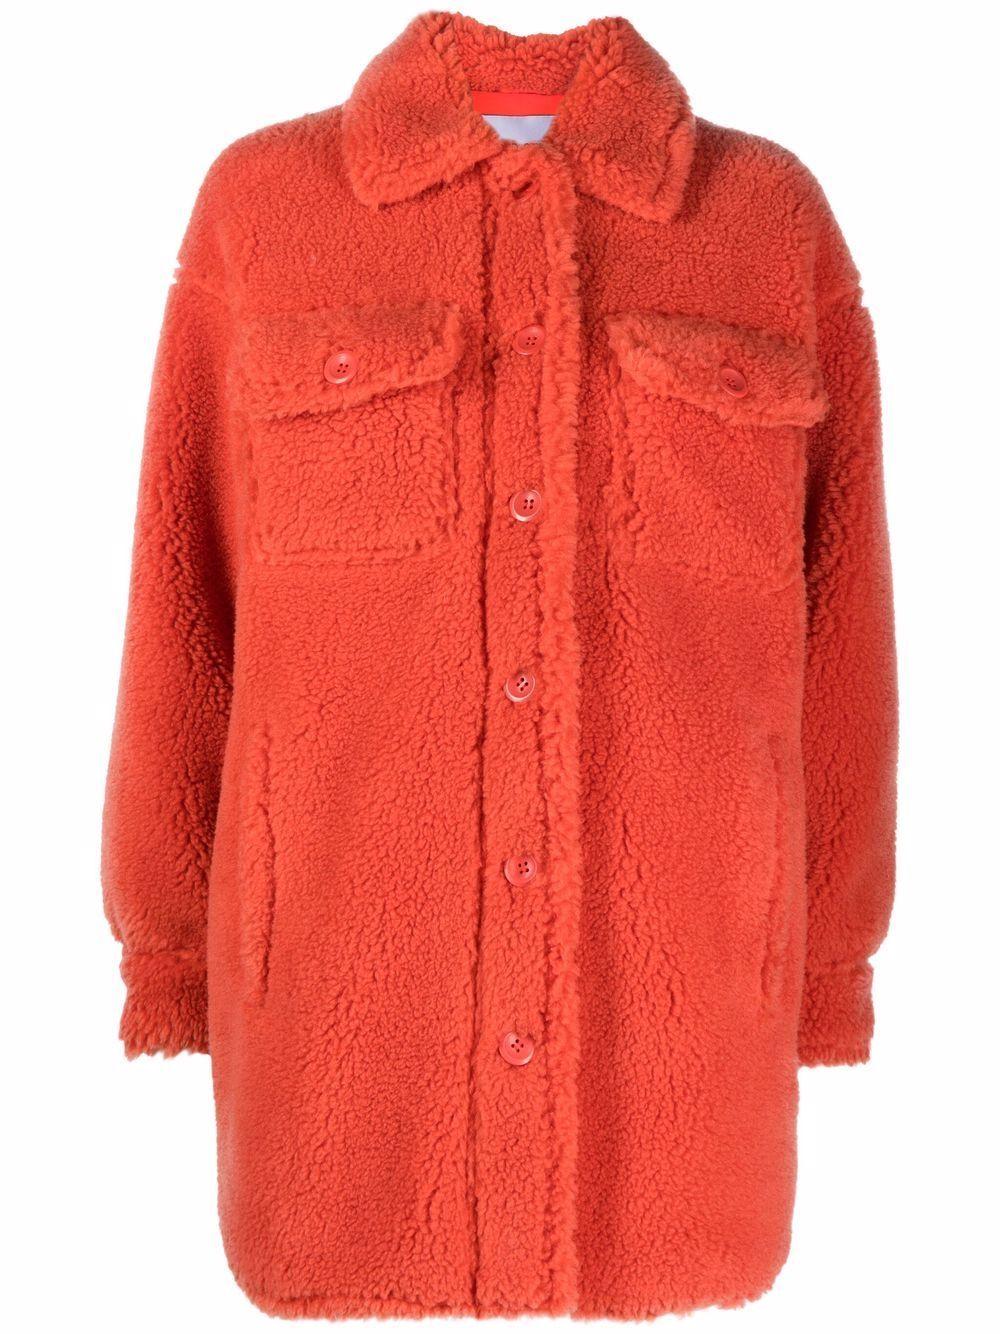 Sabi faux fur coat